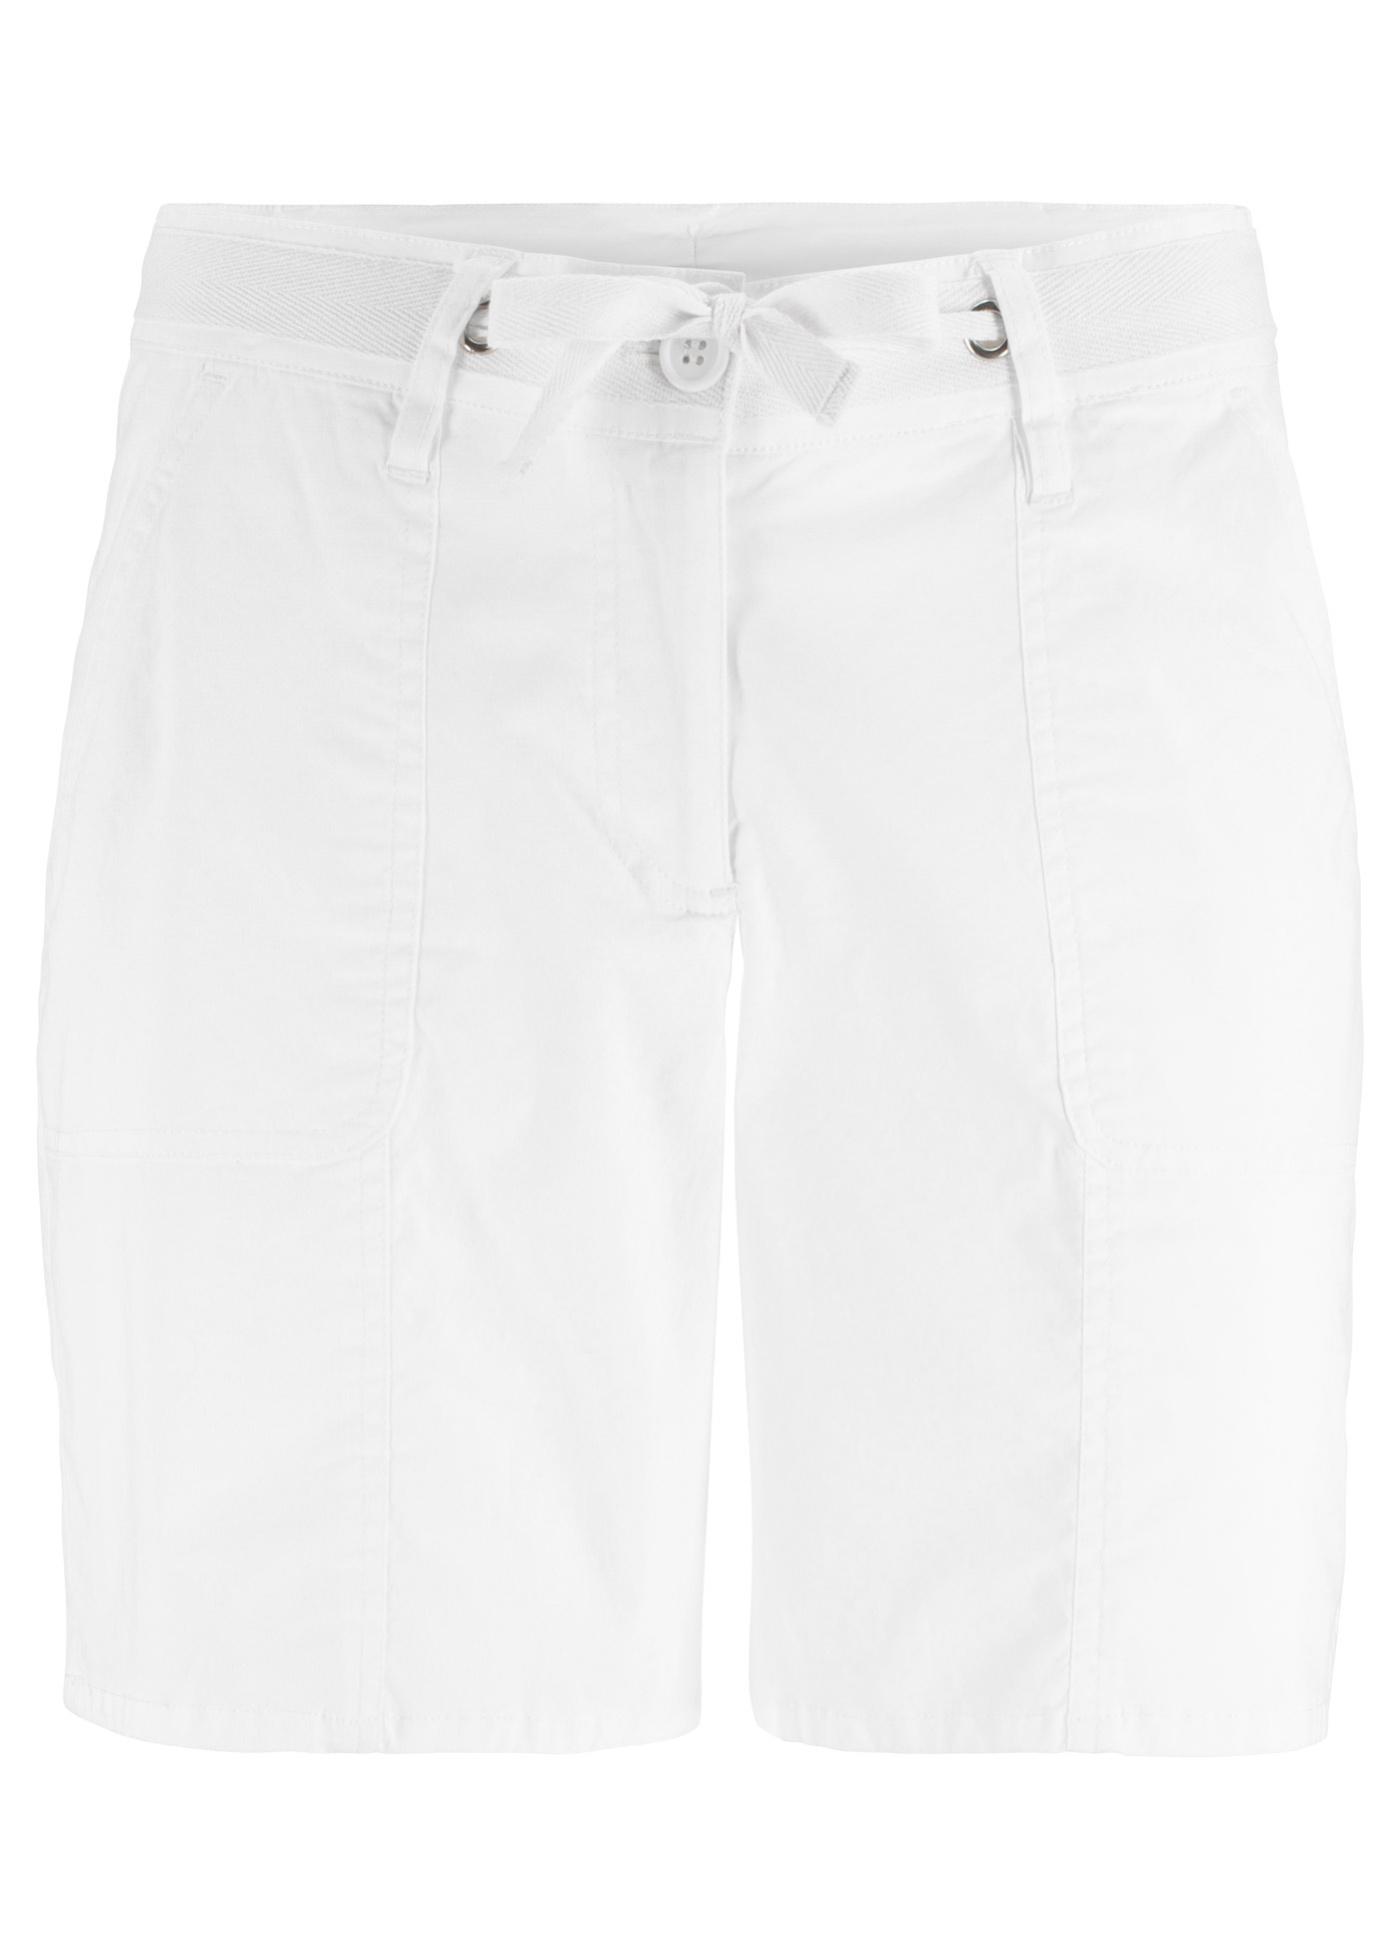 Damen bonprix Papertouch-Shorts weiß | 06927976711829, 06937436553364